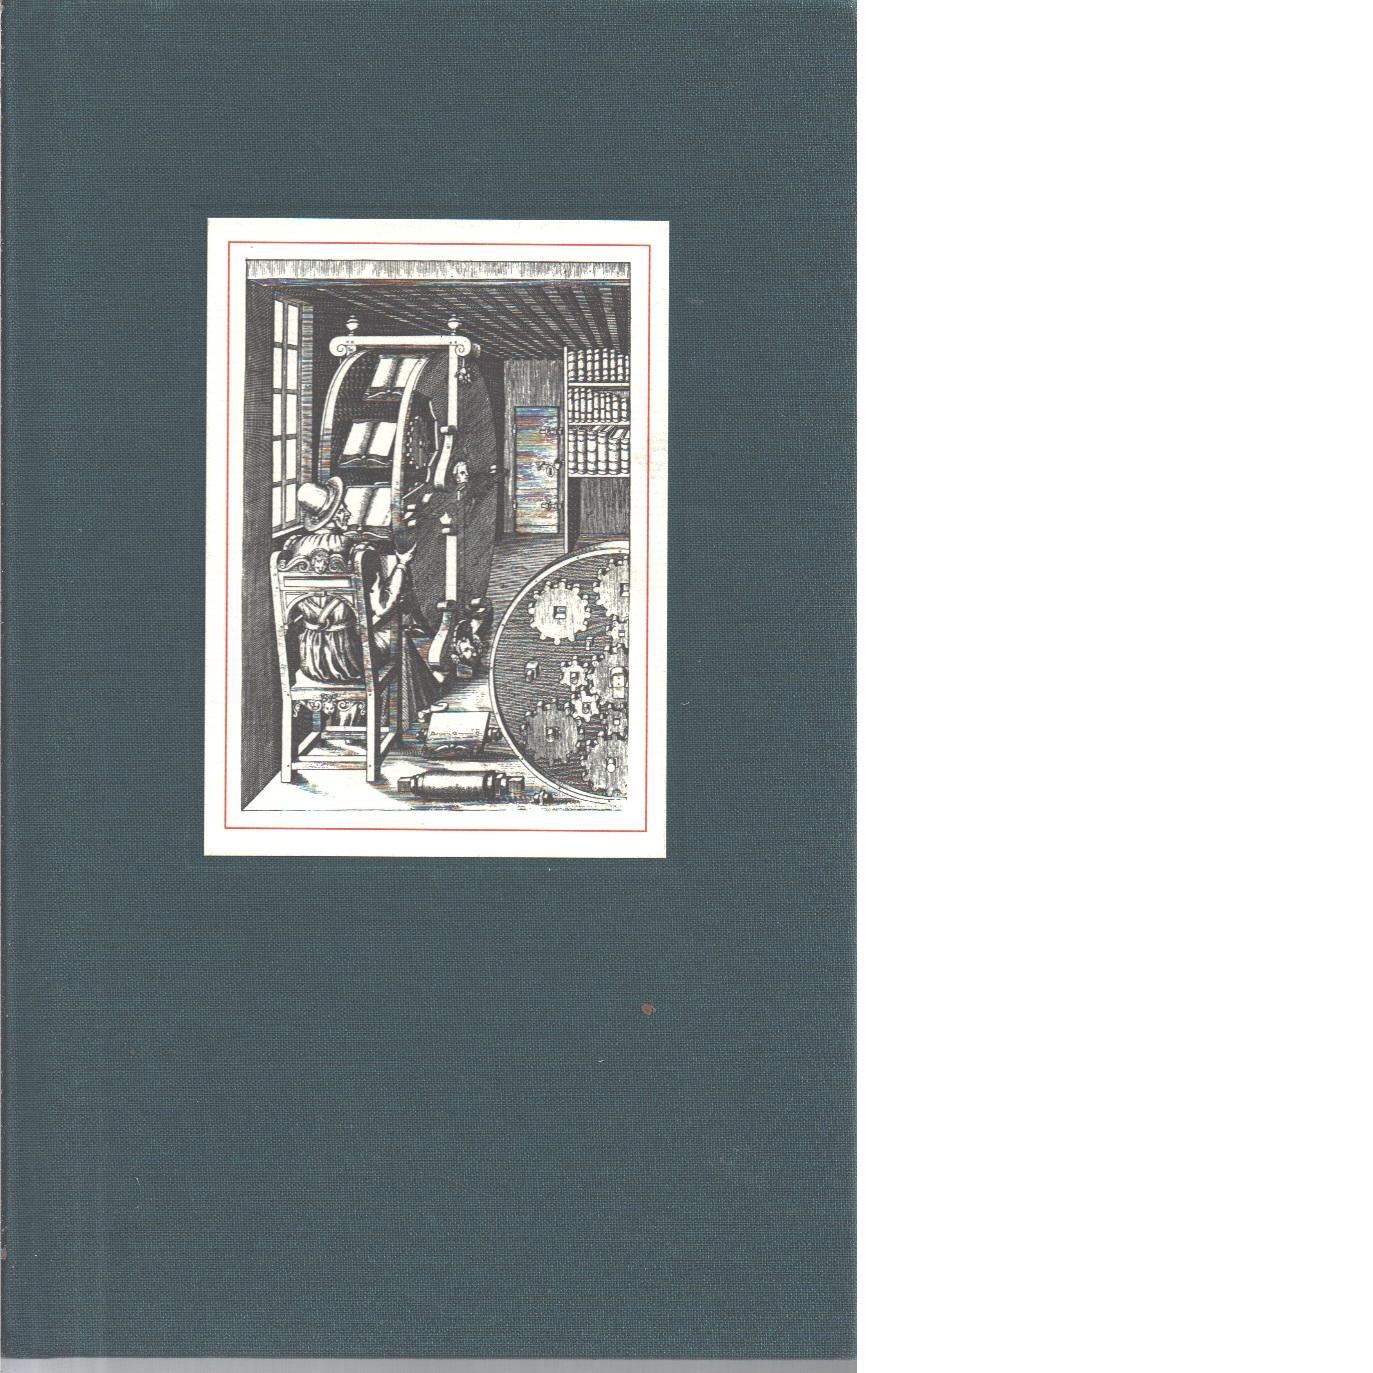 Det roliga börjar hela tiden : bokförläggare kjell peterson 60 år den 20 december 1996 - Red. Peterson, Kjell